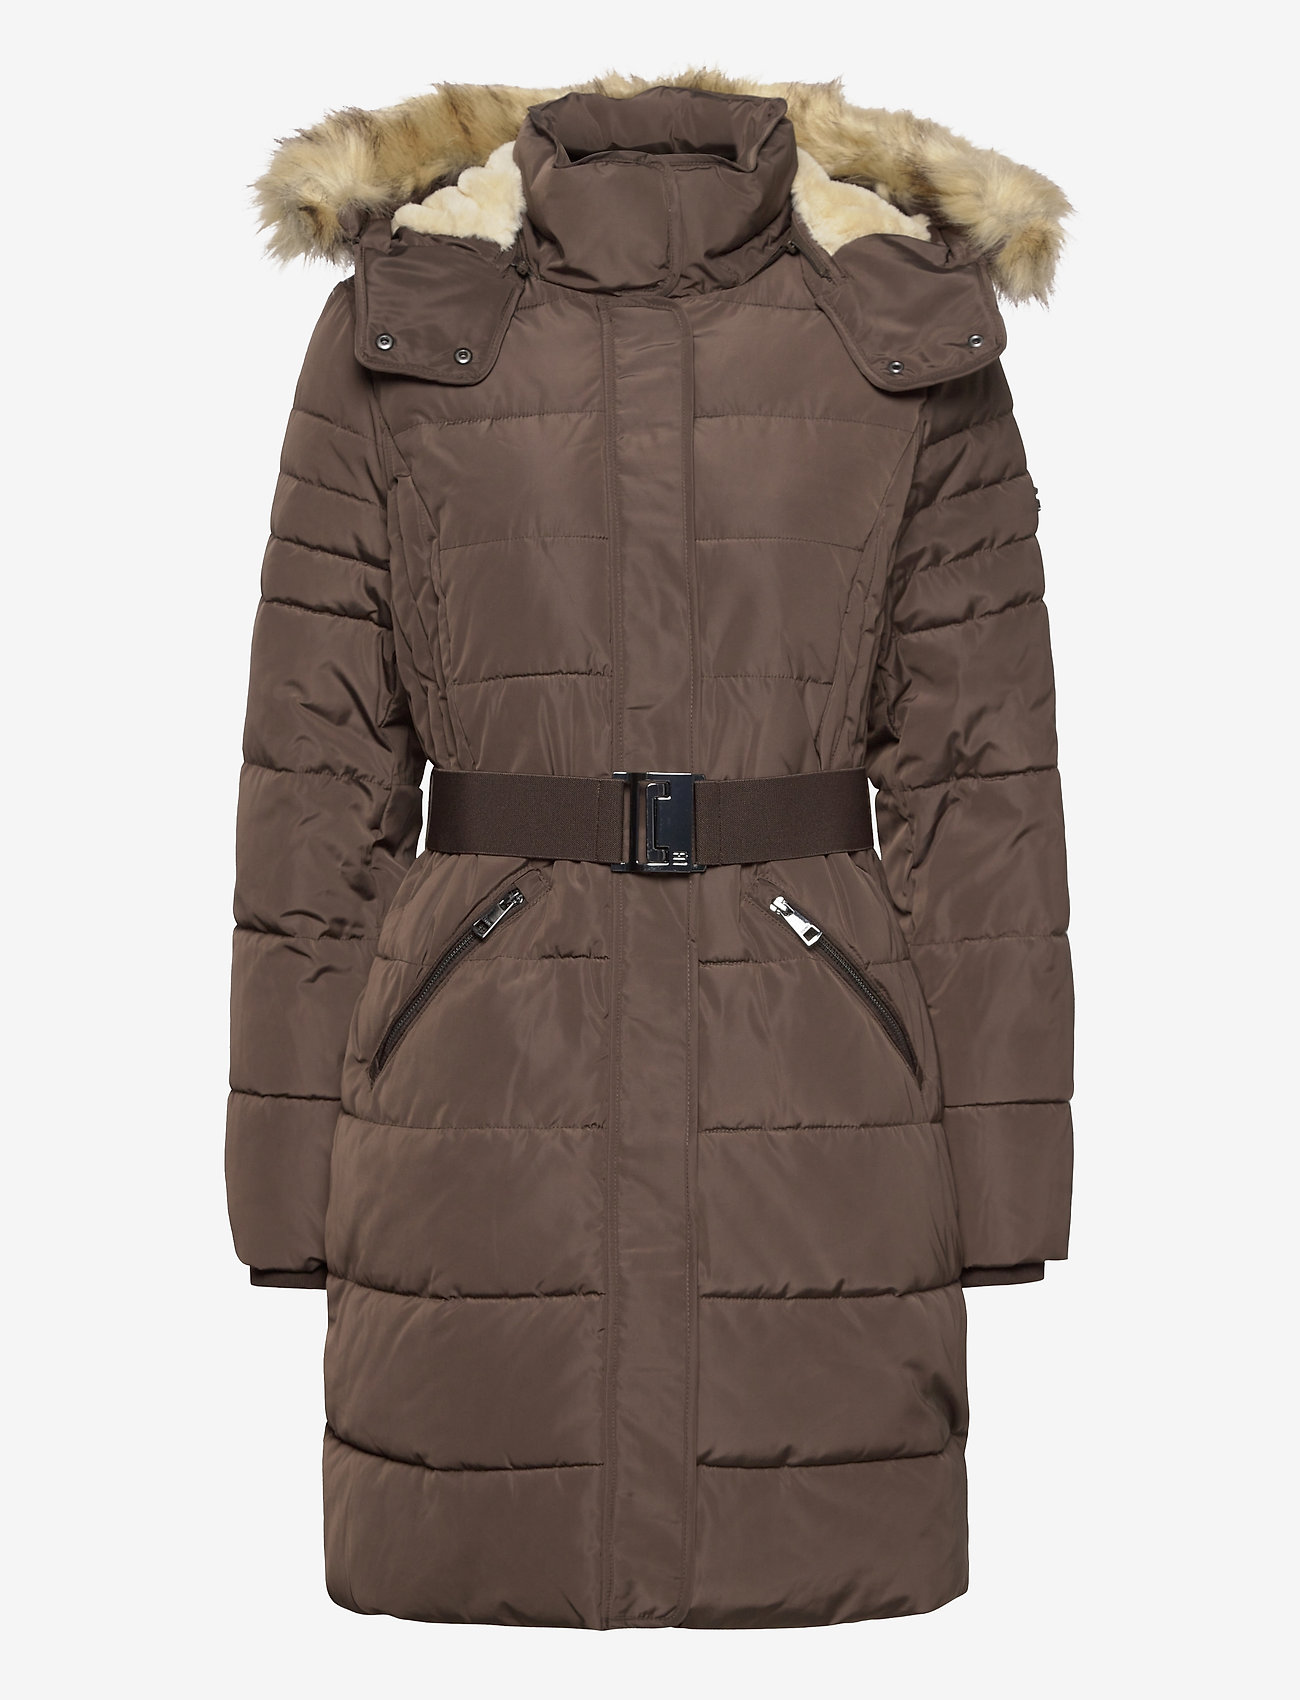 Esprit Casual - Coats woven - manteaux d'hiver - dark brown - 1